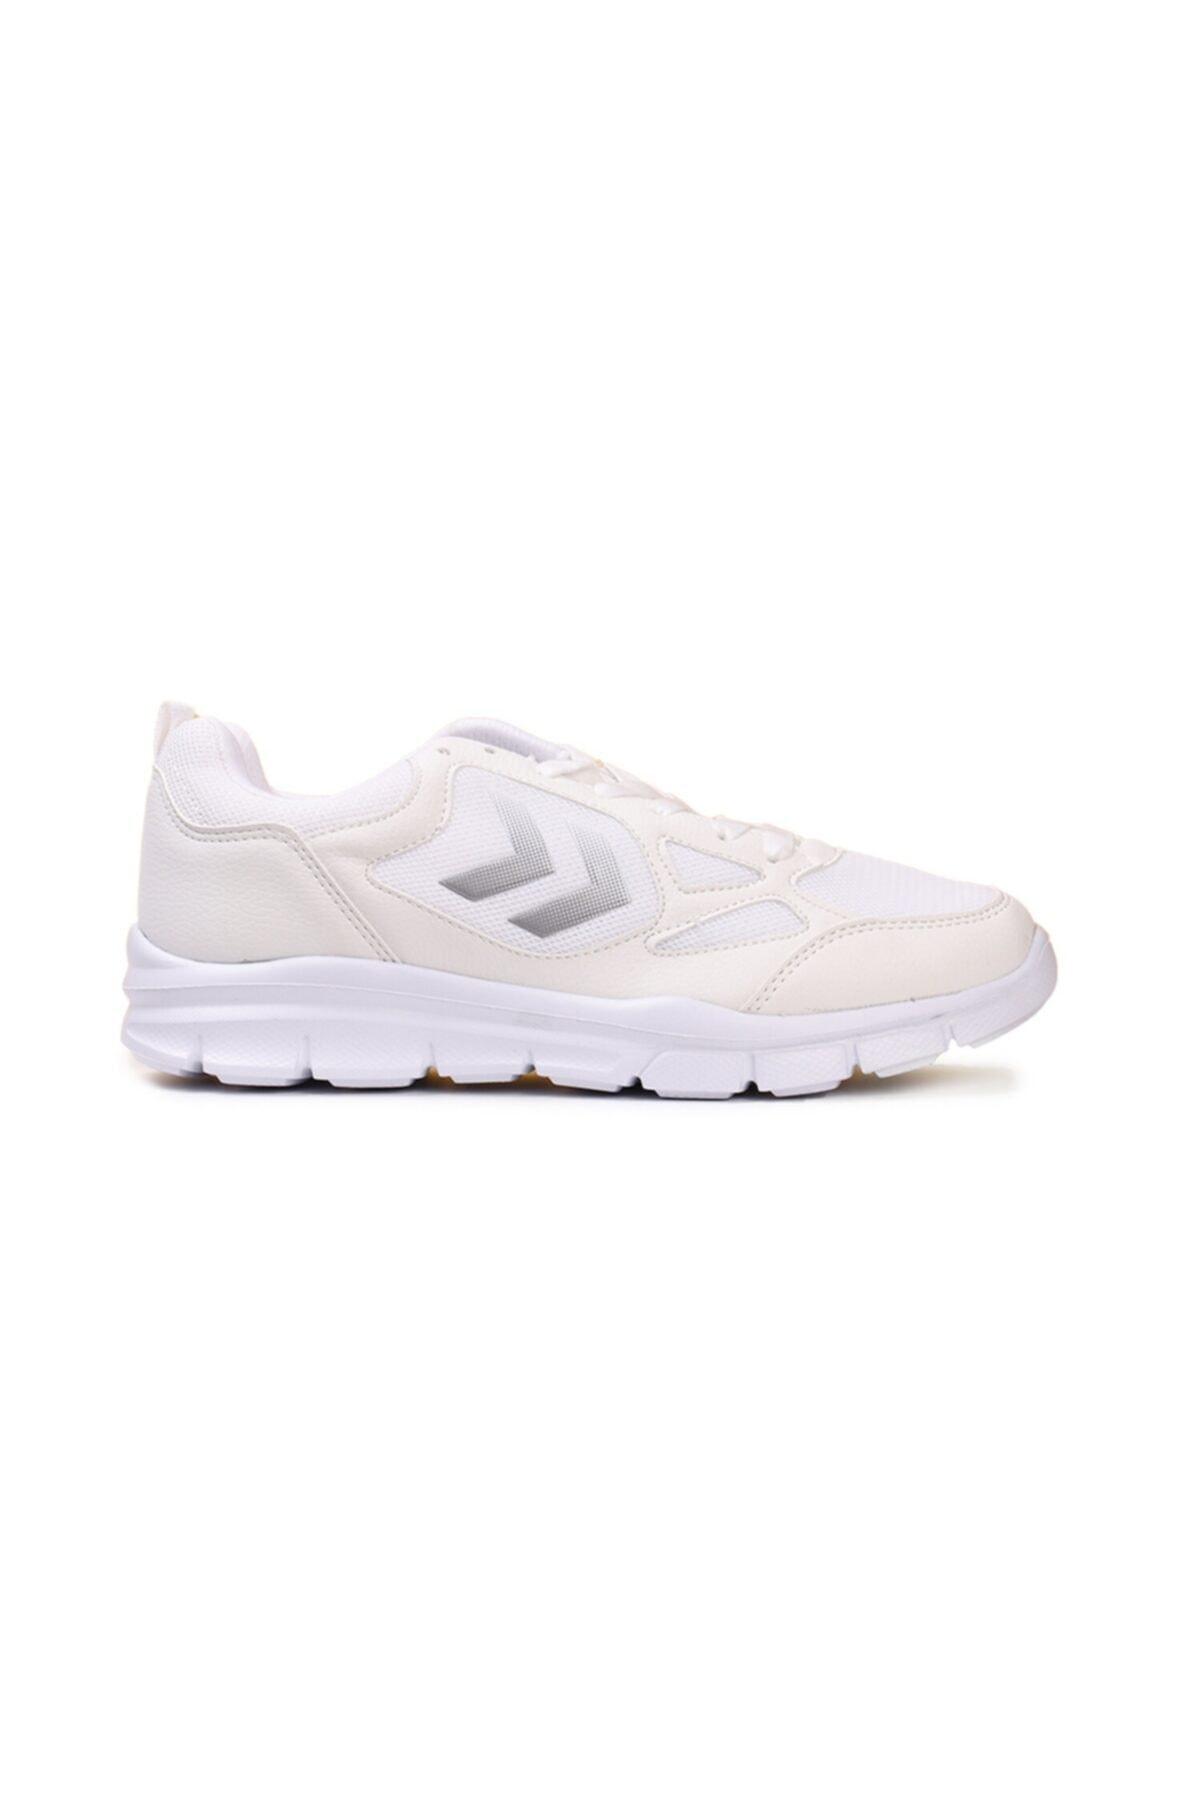 HUMMEL Kadın Crosslite Iı Beyaz Spor Ayakkabı 205641-9001 2